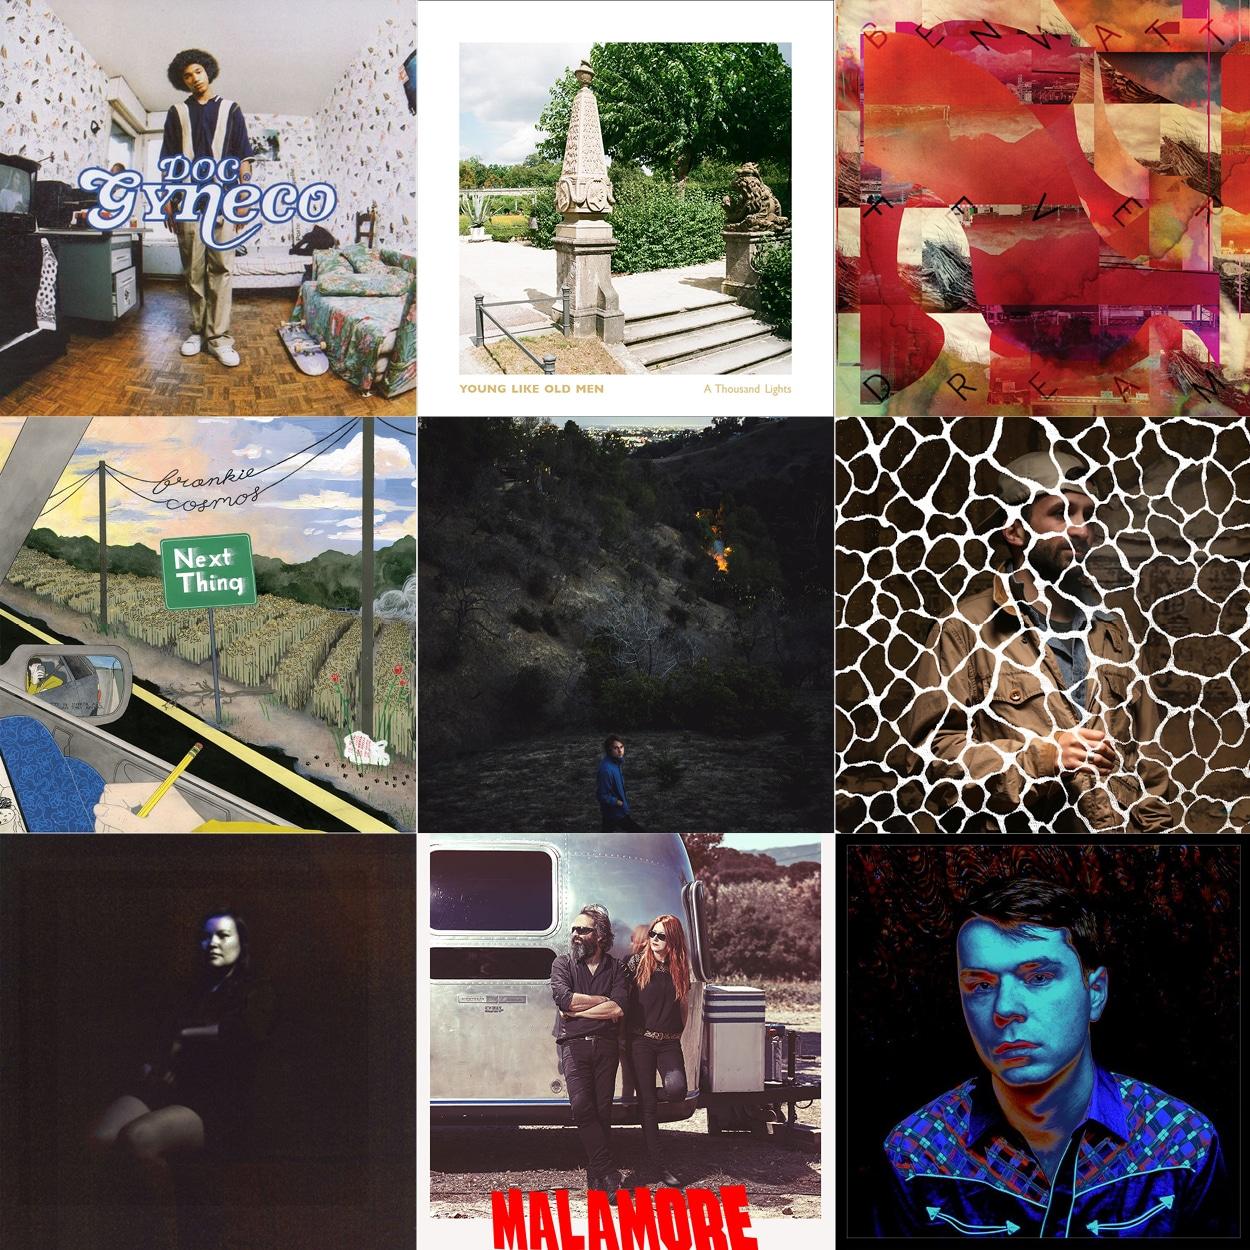 nouveaux arrivages vinyle balades sonores 11 juillet